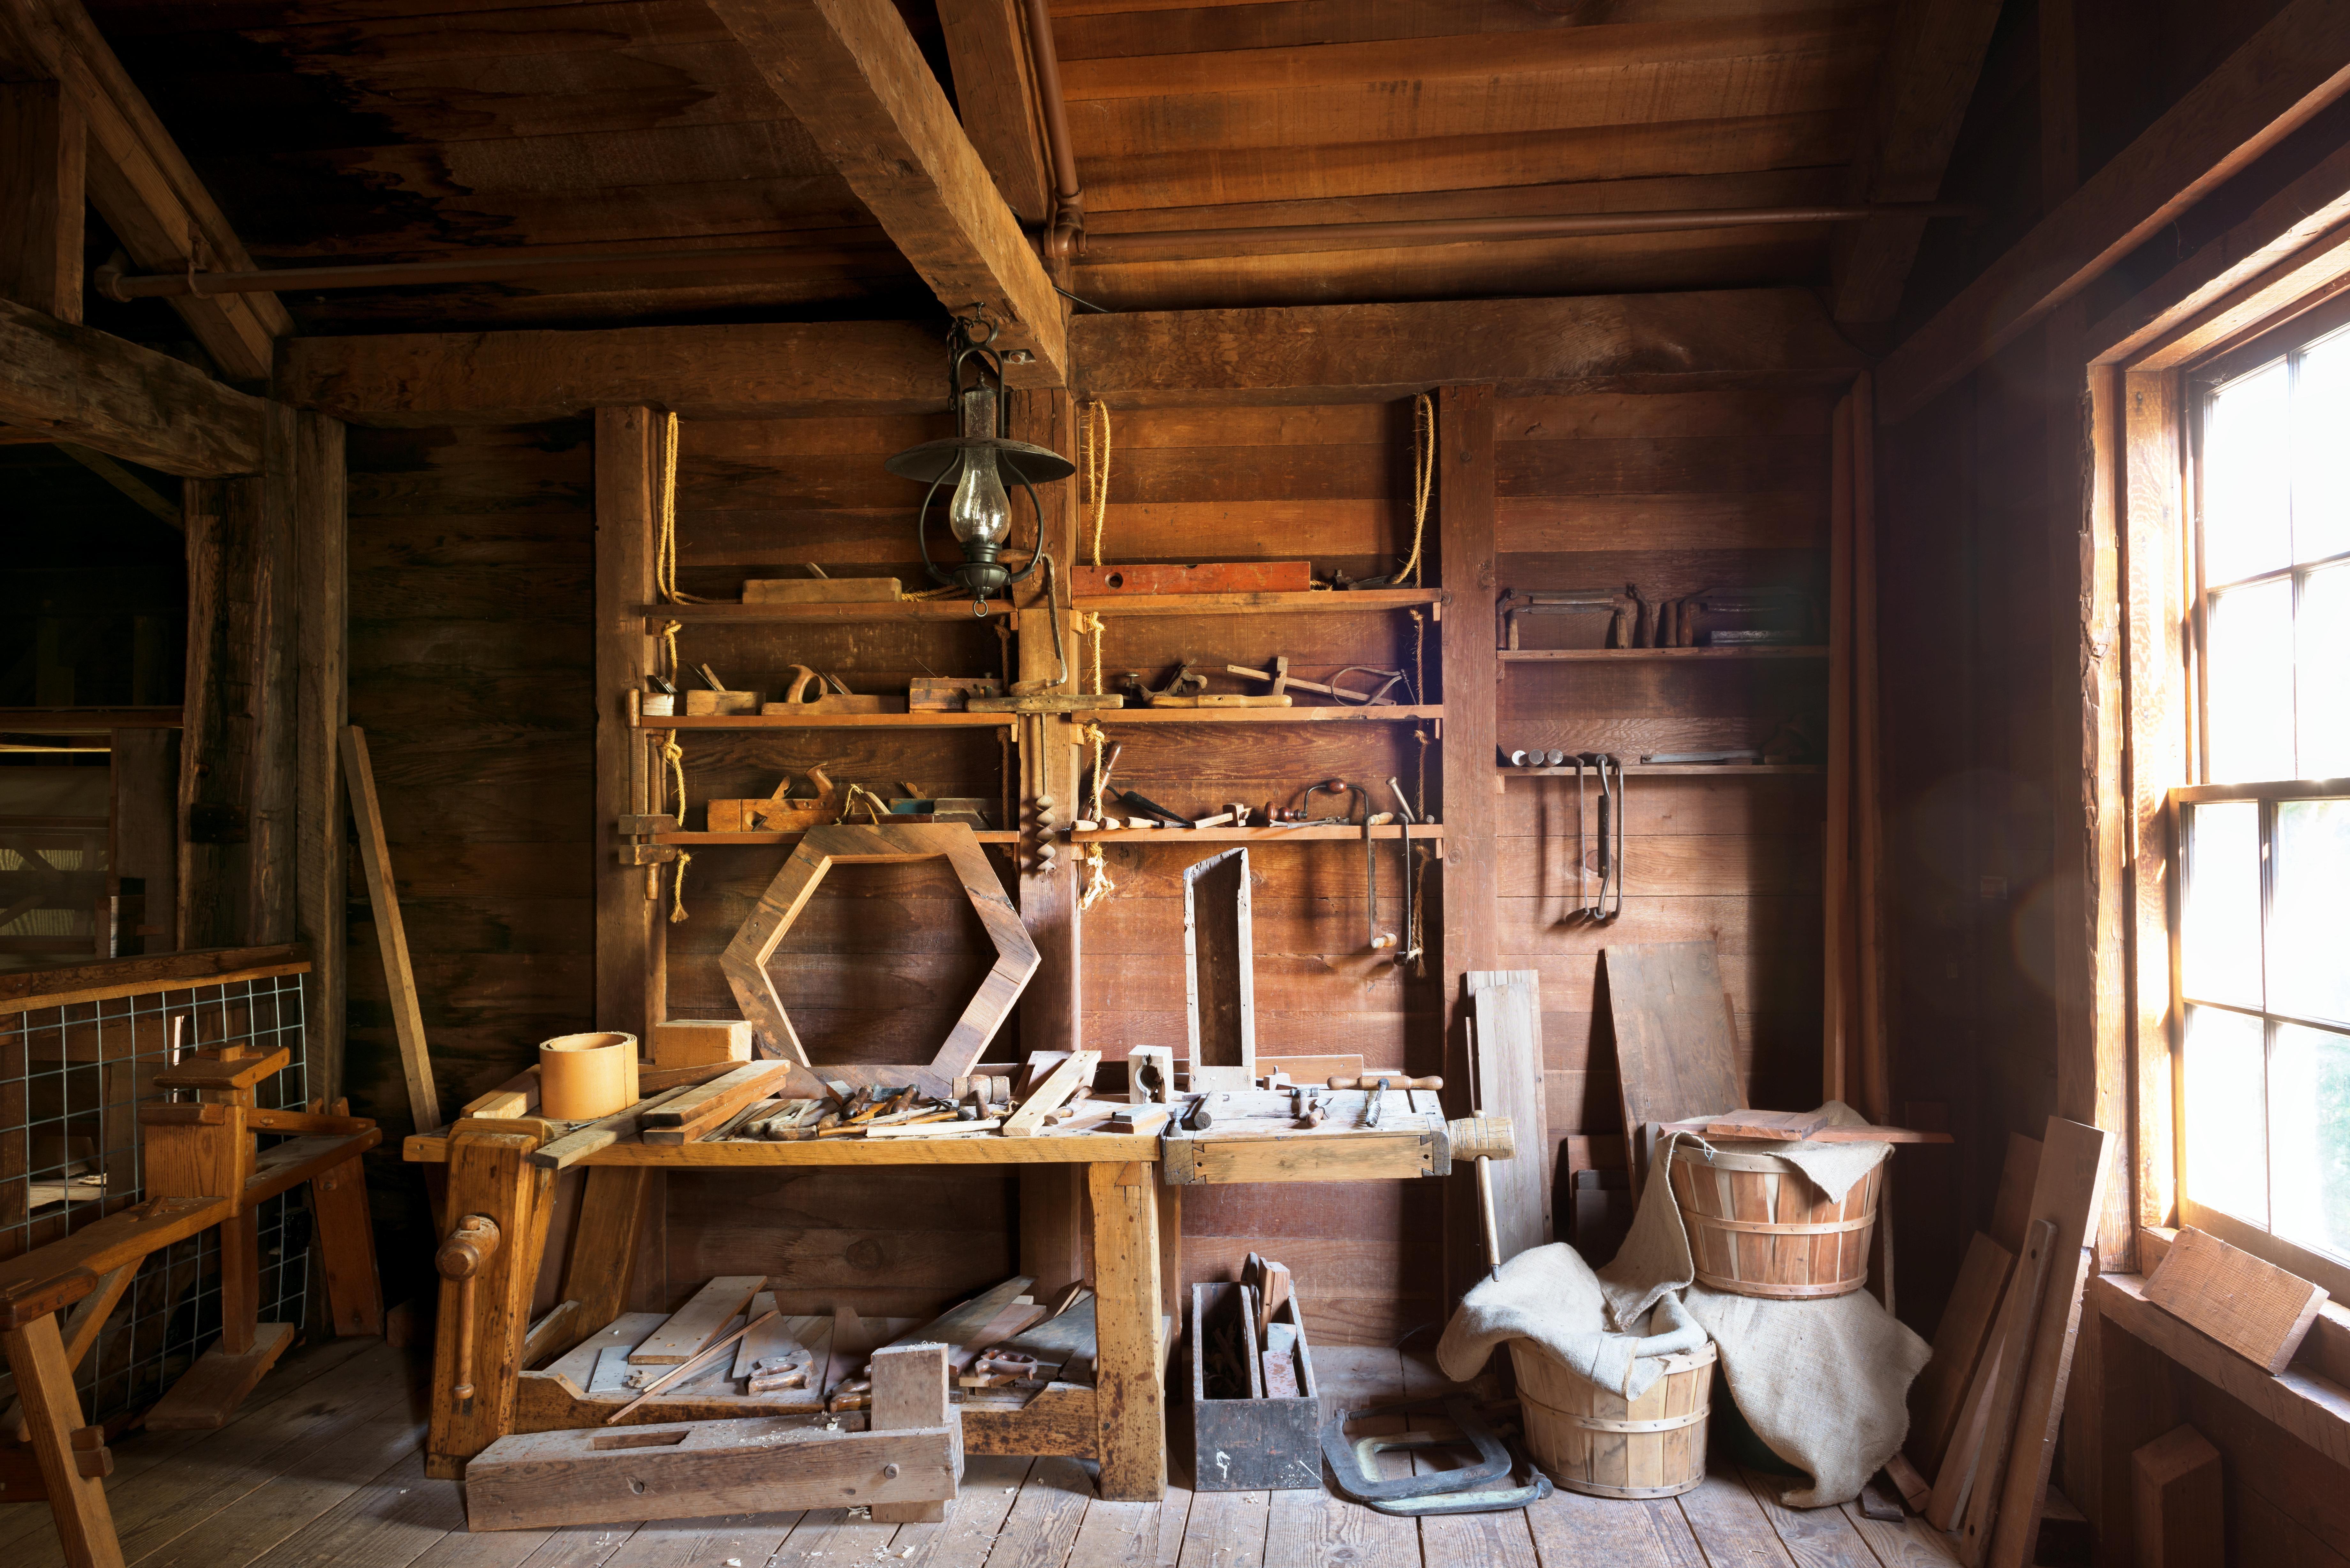 стоят пледы фото сельских мастерских дадут